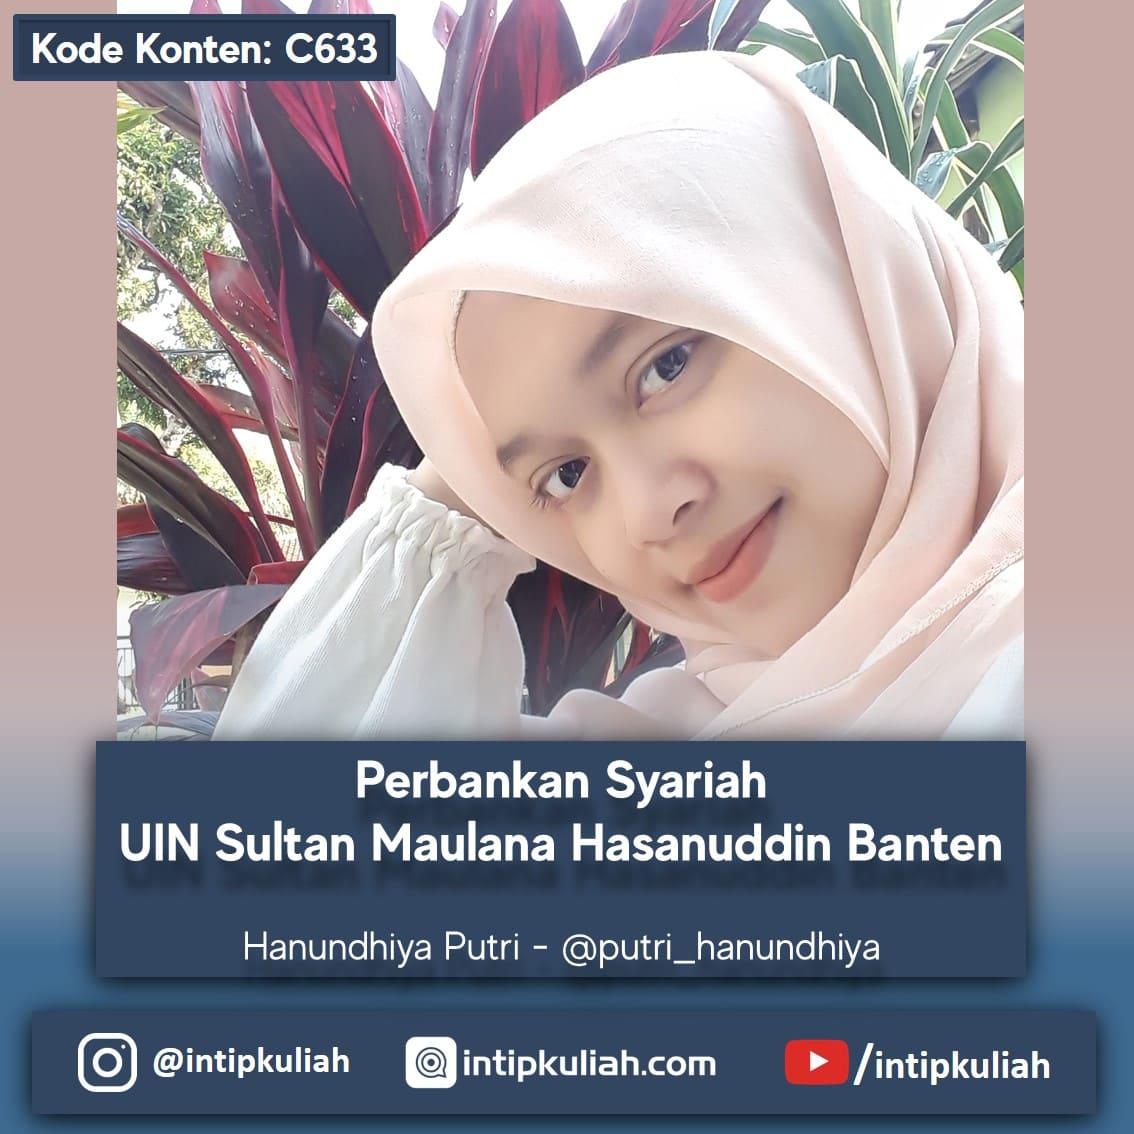 Perbankan Syariah UIN Banten (Putri)